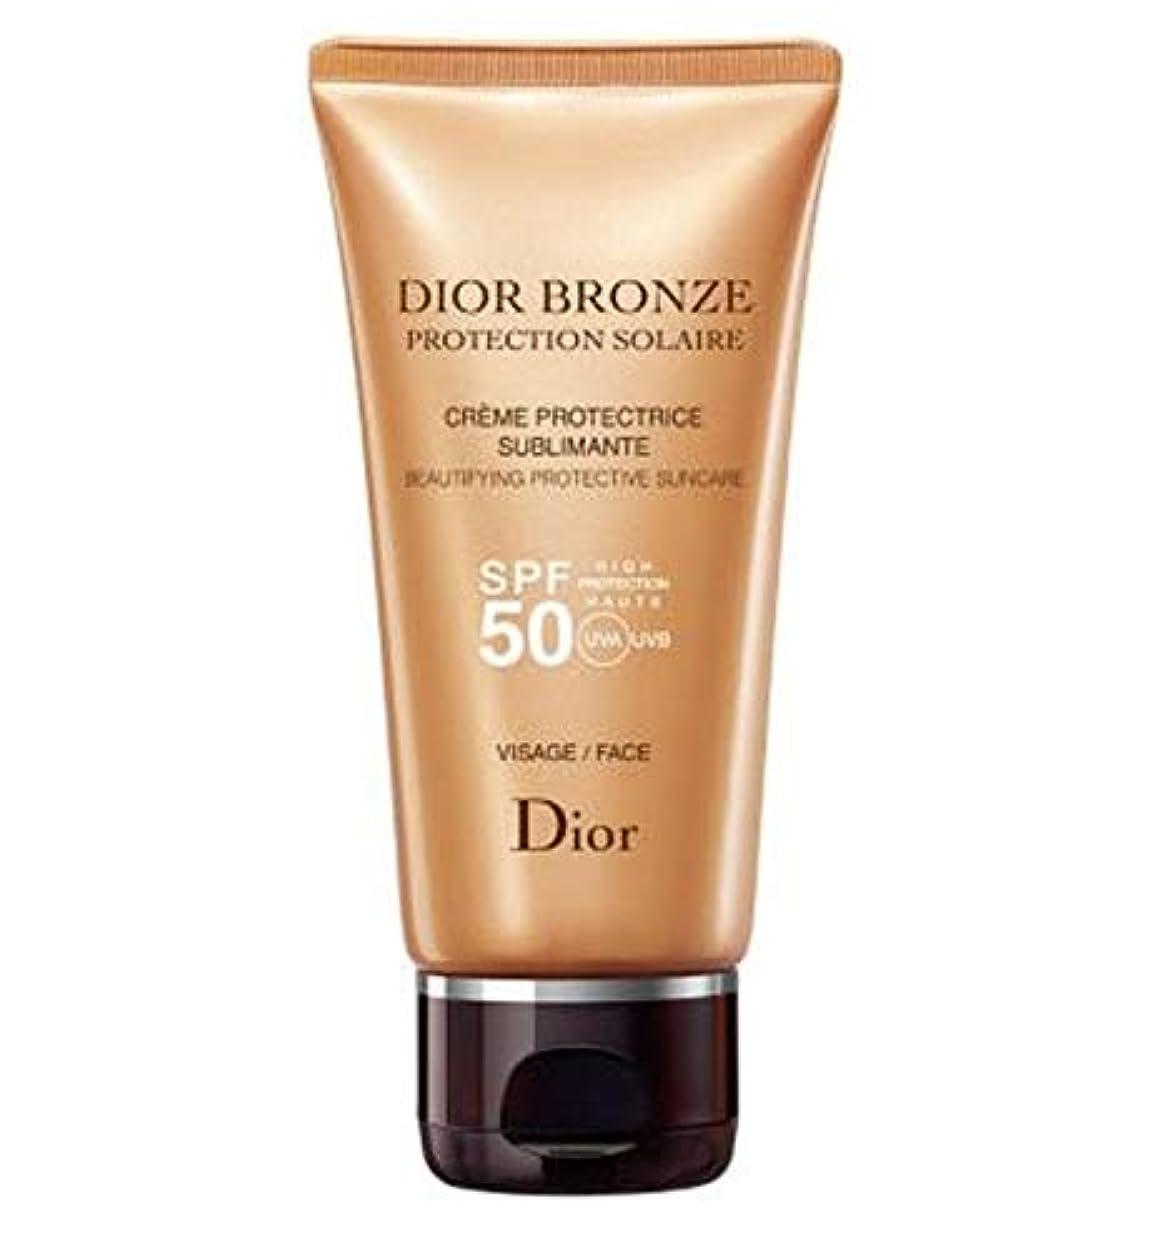 シャッフル包帯子豚[Dior] ディオールブロンズ日の保護高い保護クリームSpf50顔 - 50ミリリットル - Dior Bronze Sun Protection High Protection Cream Spf50 Face -...